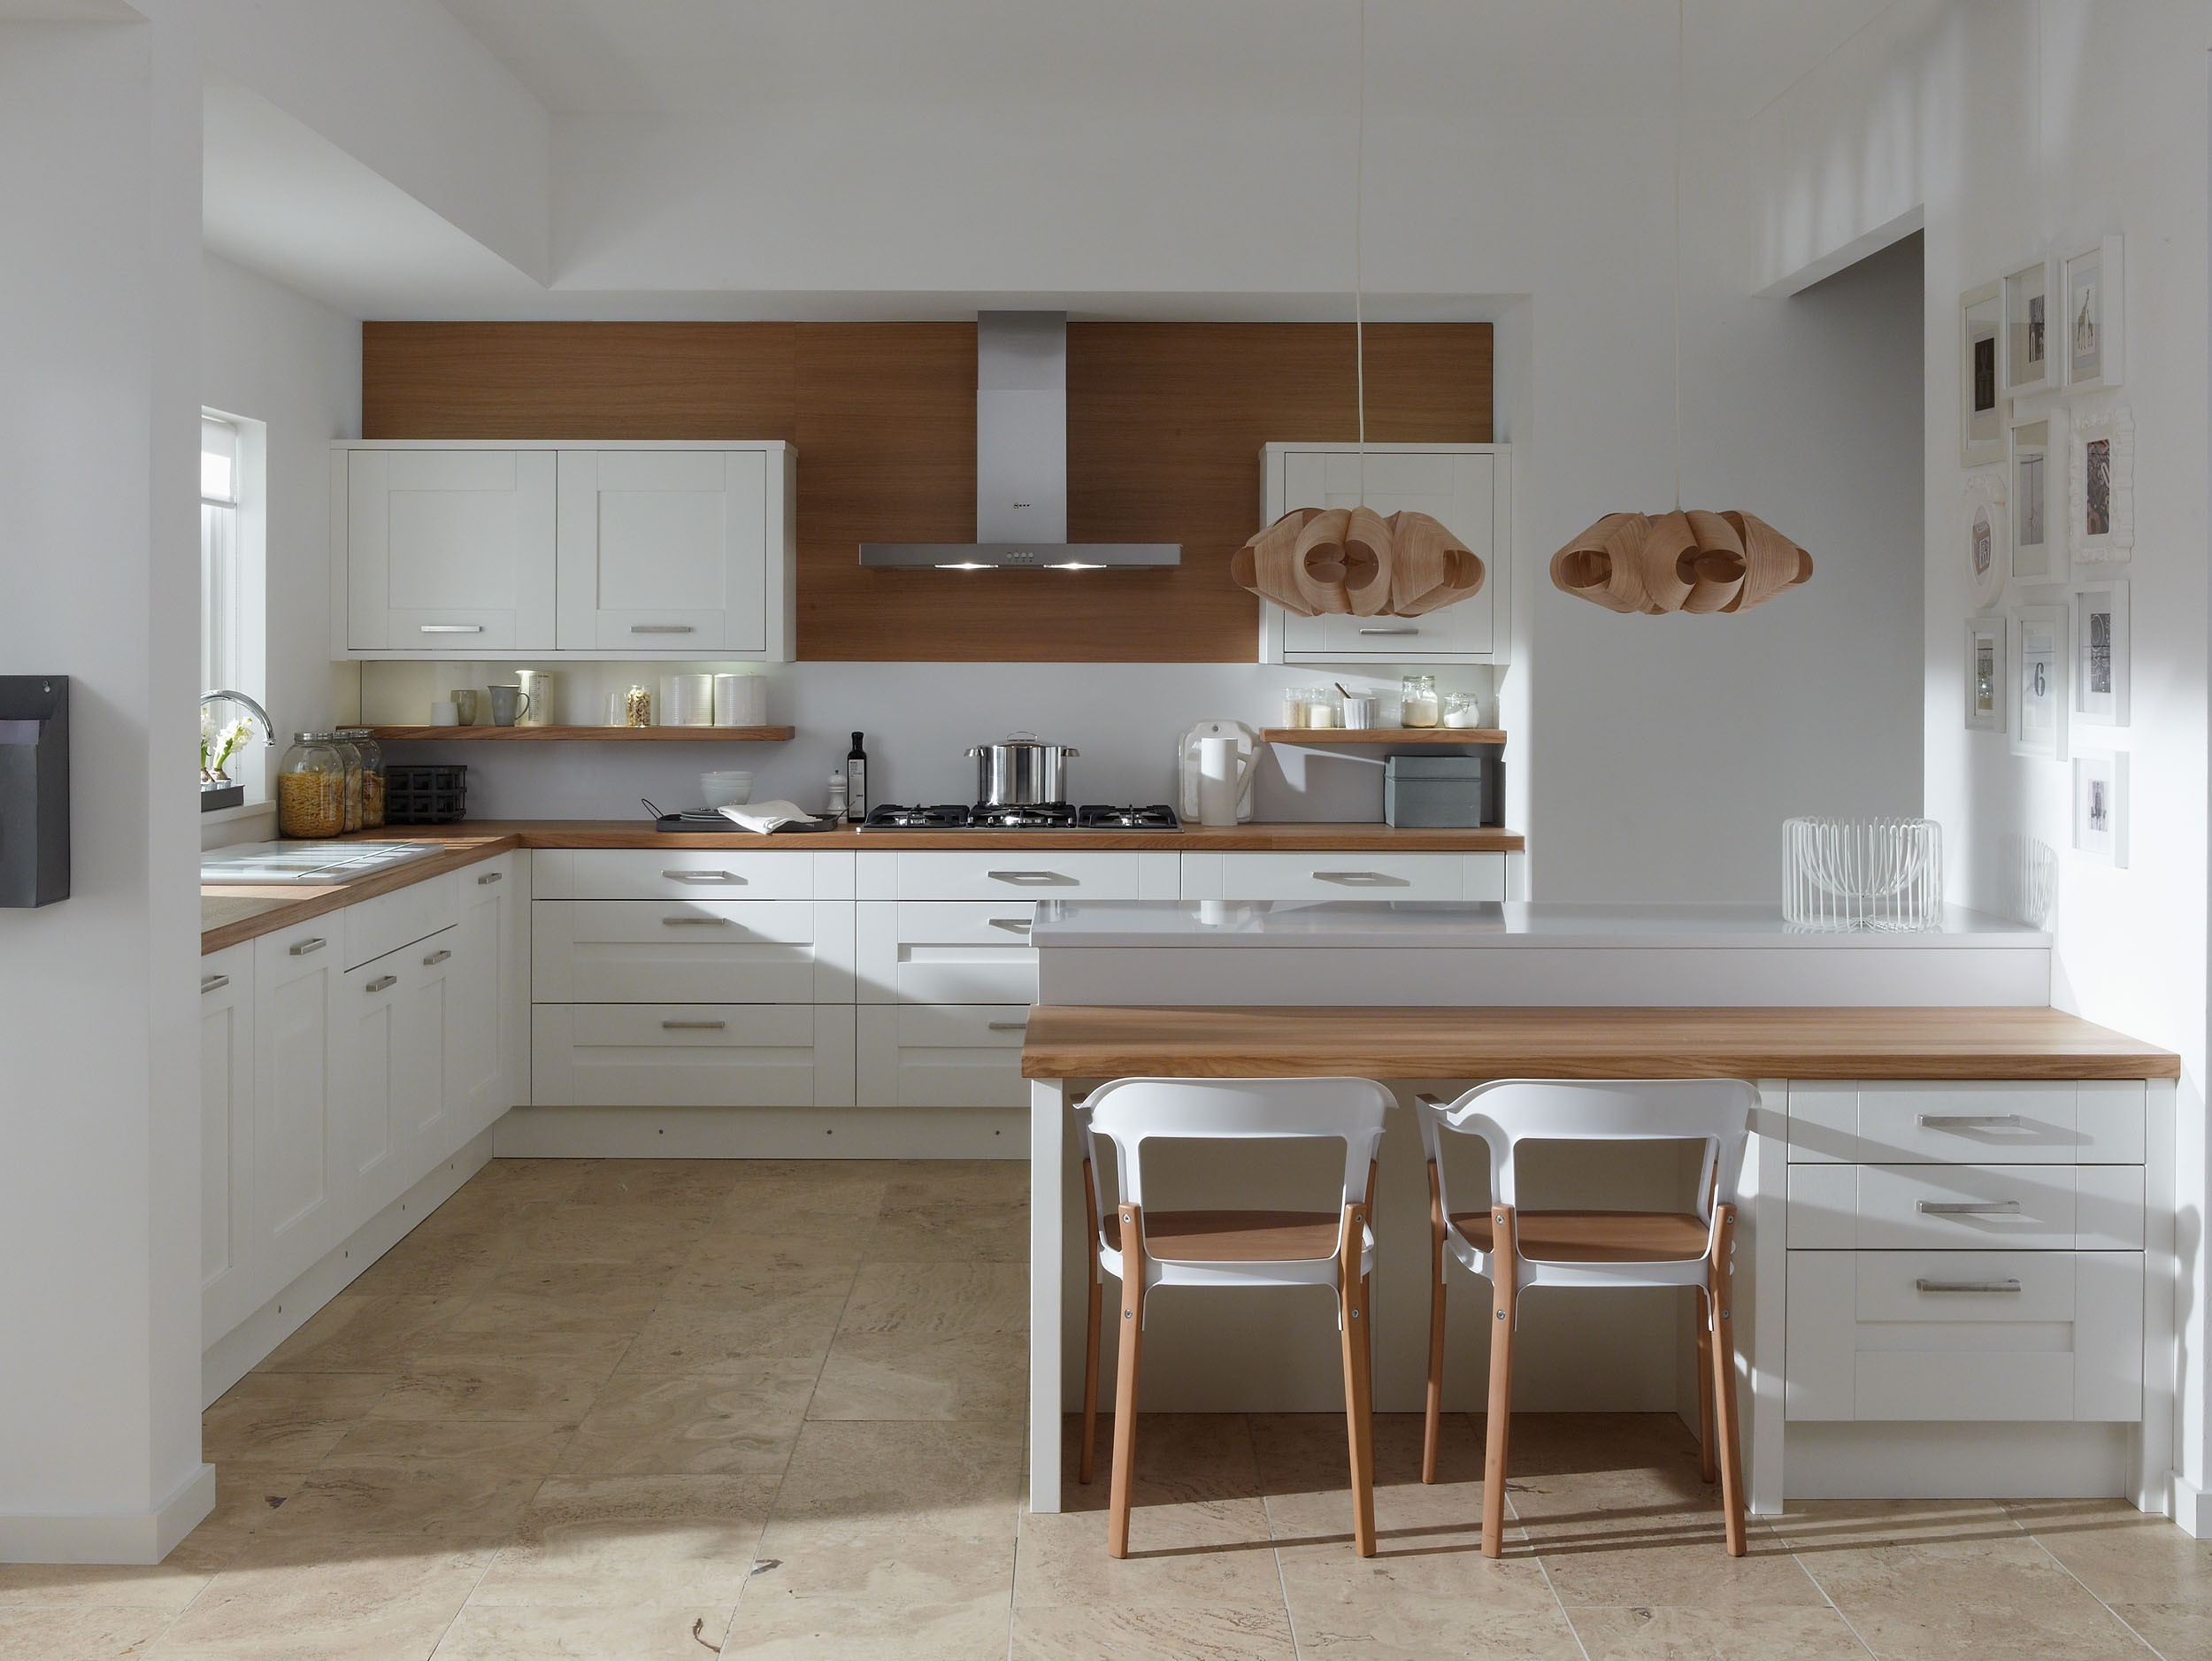 Come arredare una cucina con mobili bianchi e legno - Mobili laccati bianchi ...